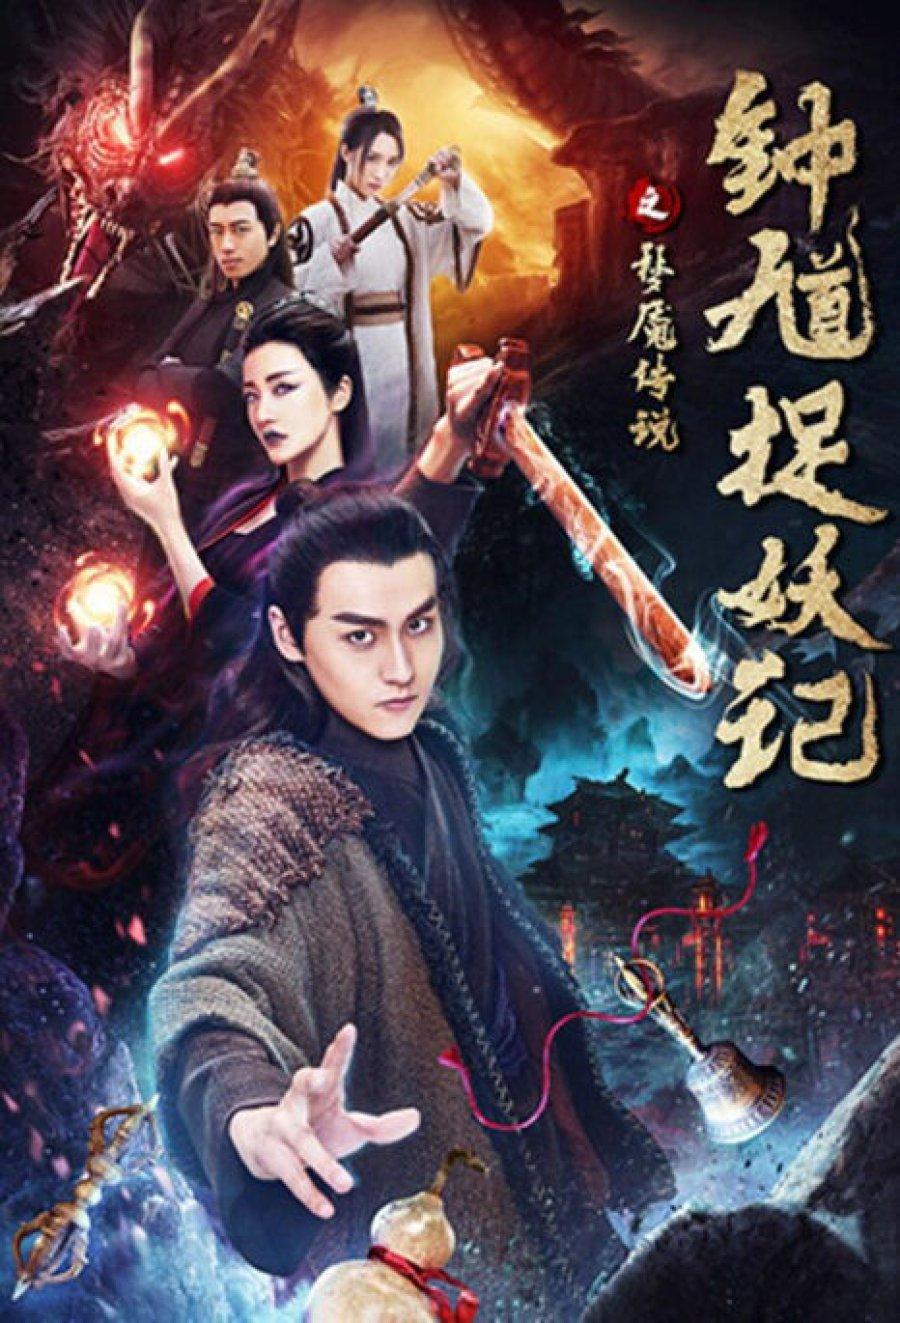 钟馗捉妖记之梦魇传说 | Zhong Kui Catches the Demon |